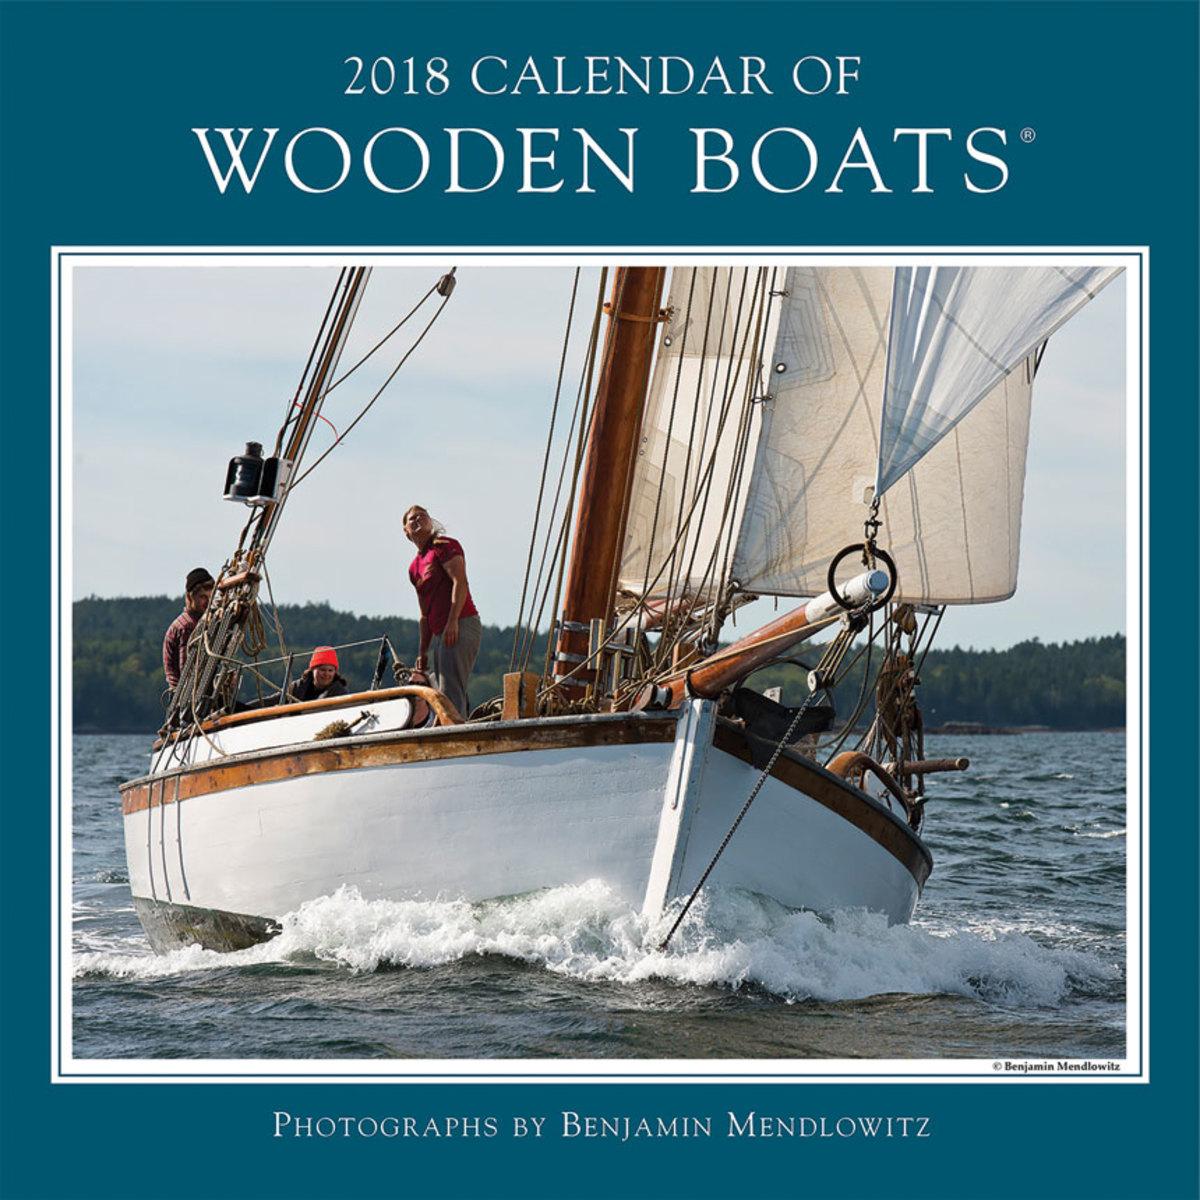 2018-wooden-boats-calendar